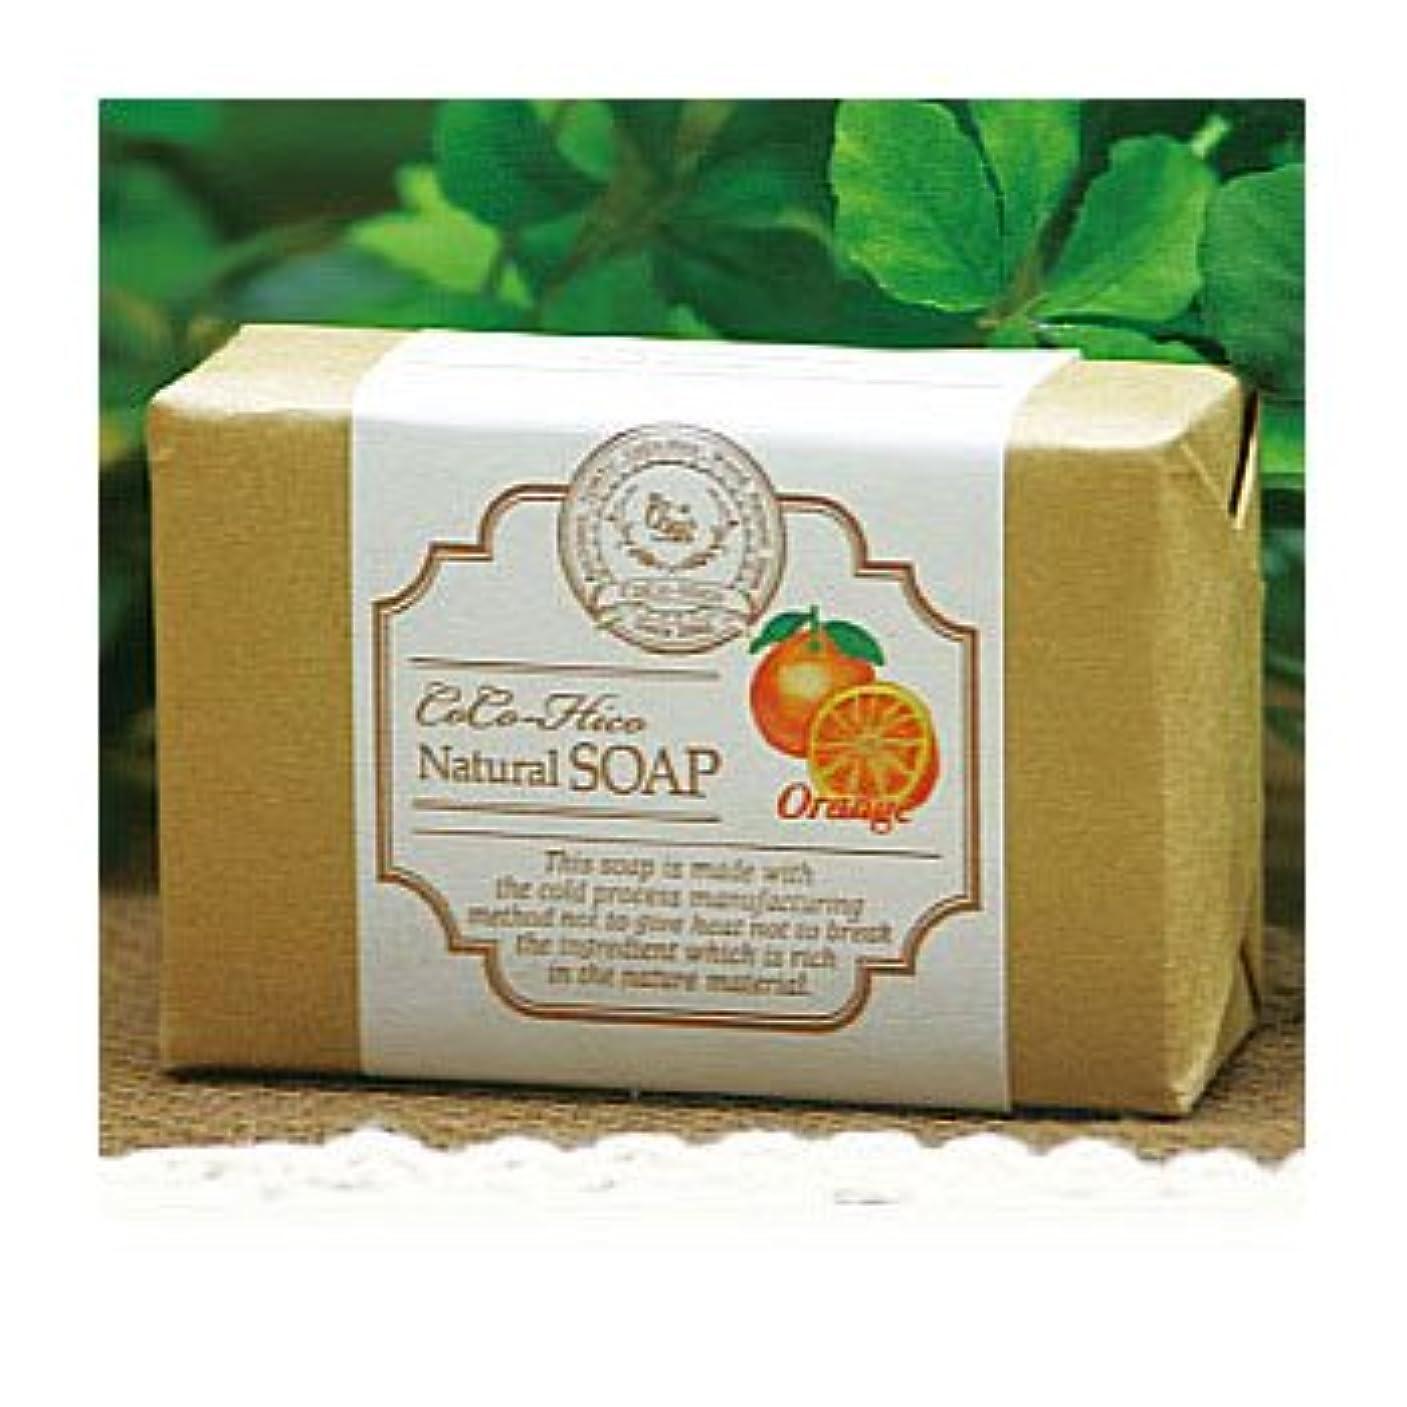 【無添加 手作り 生せっけん】-CoCo-Hico SOAP-ココヒコ生せっけん オレンジ